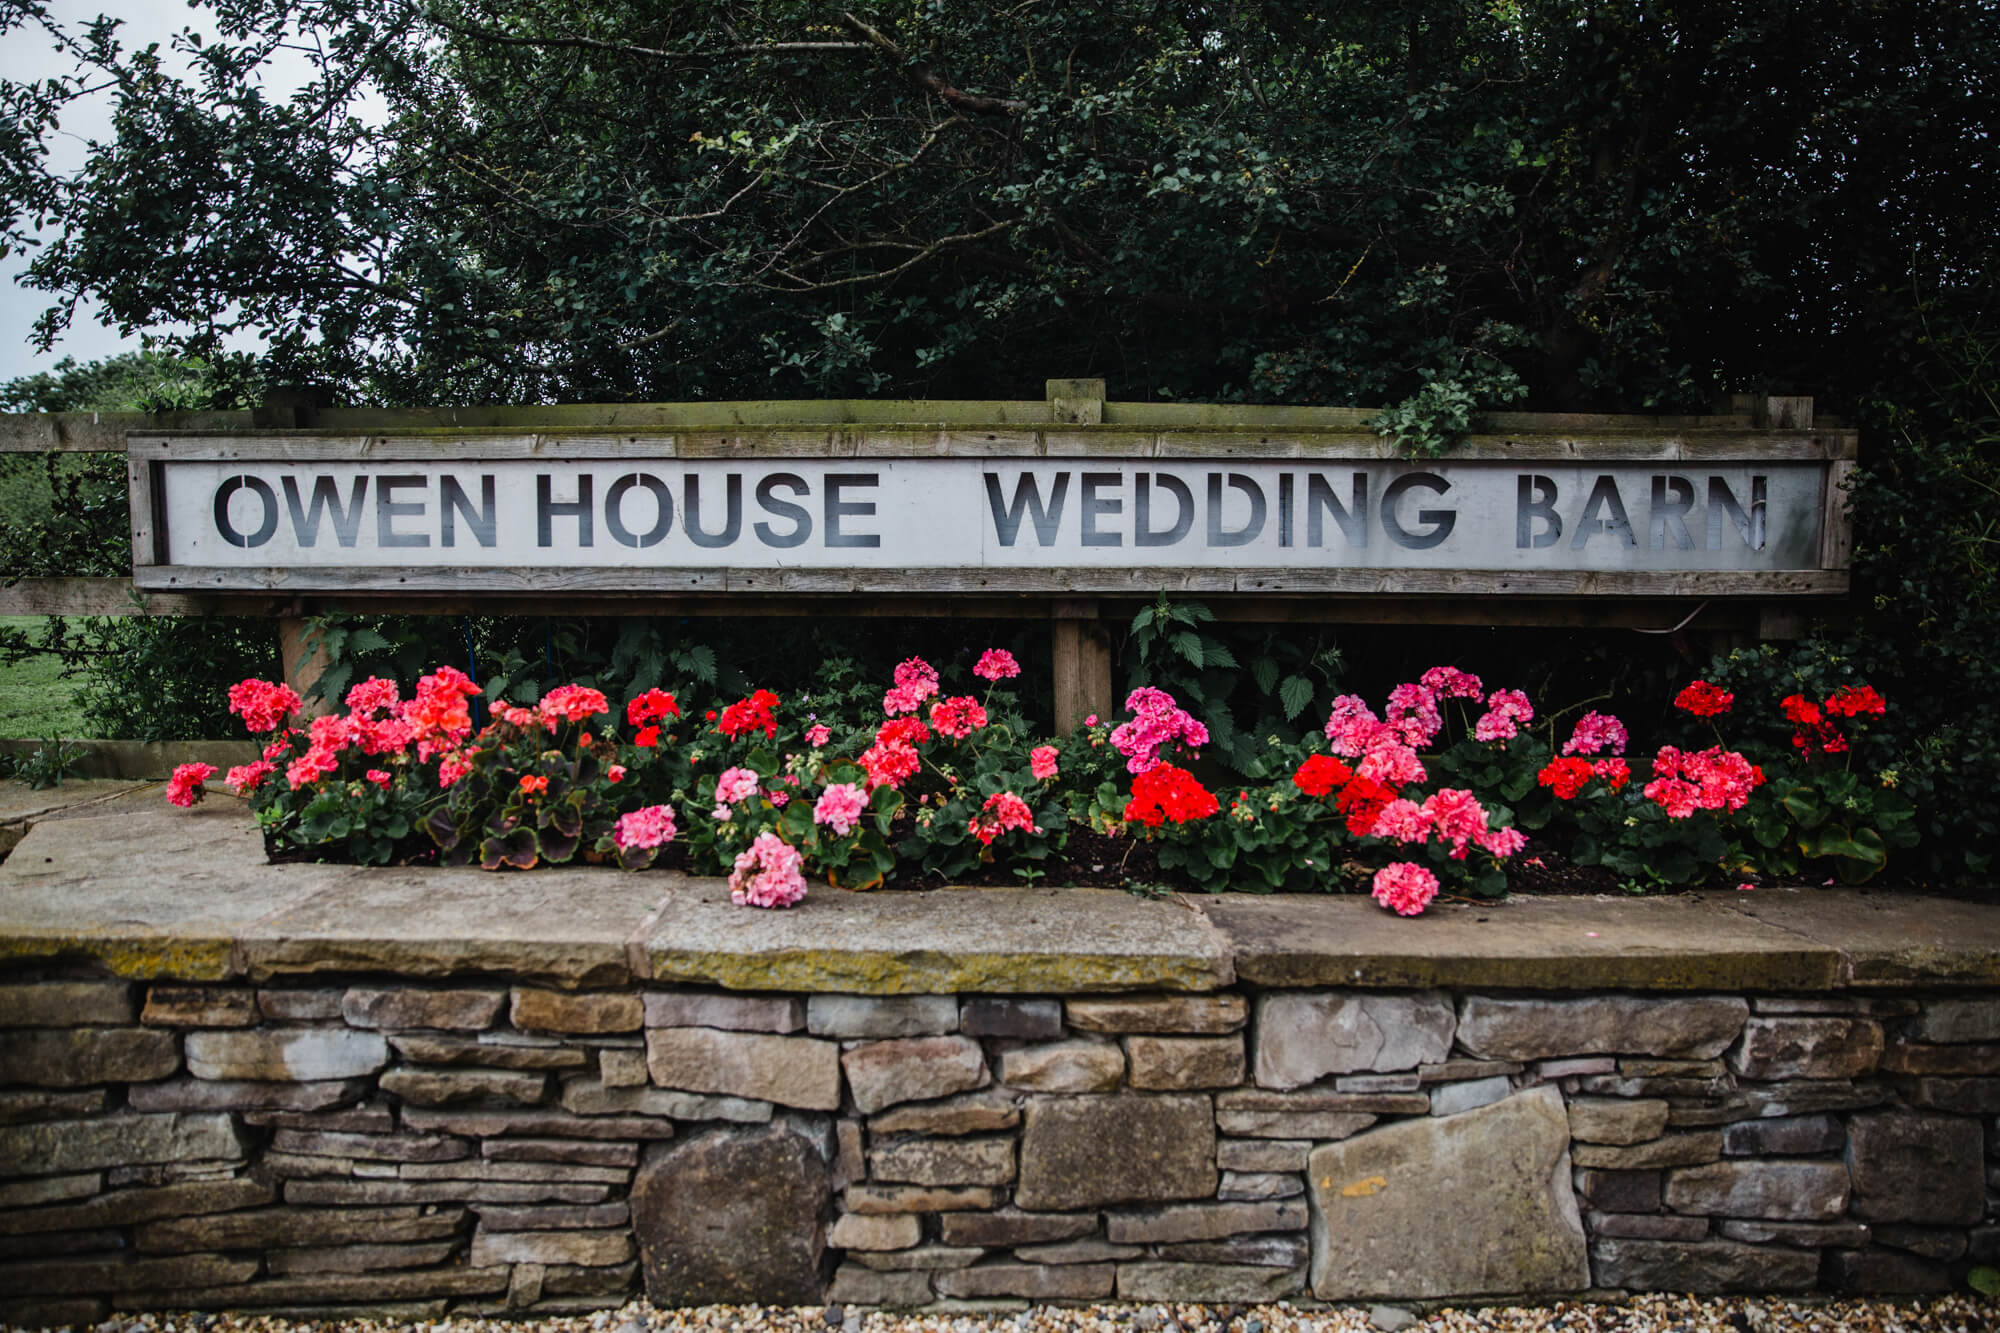 Owen House Wedding Barn door sign for venue